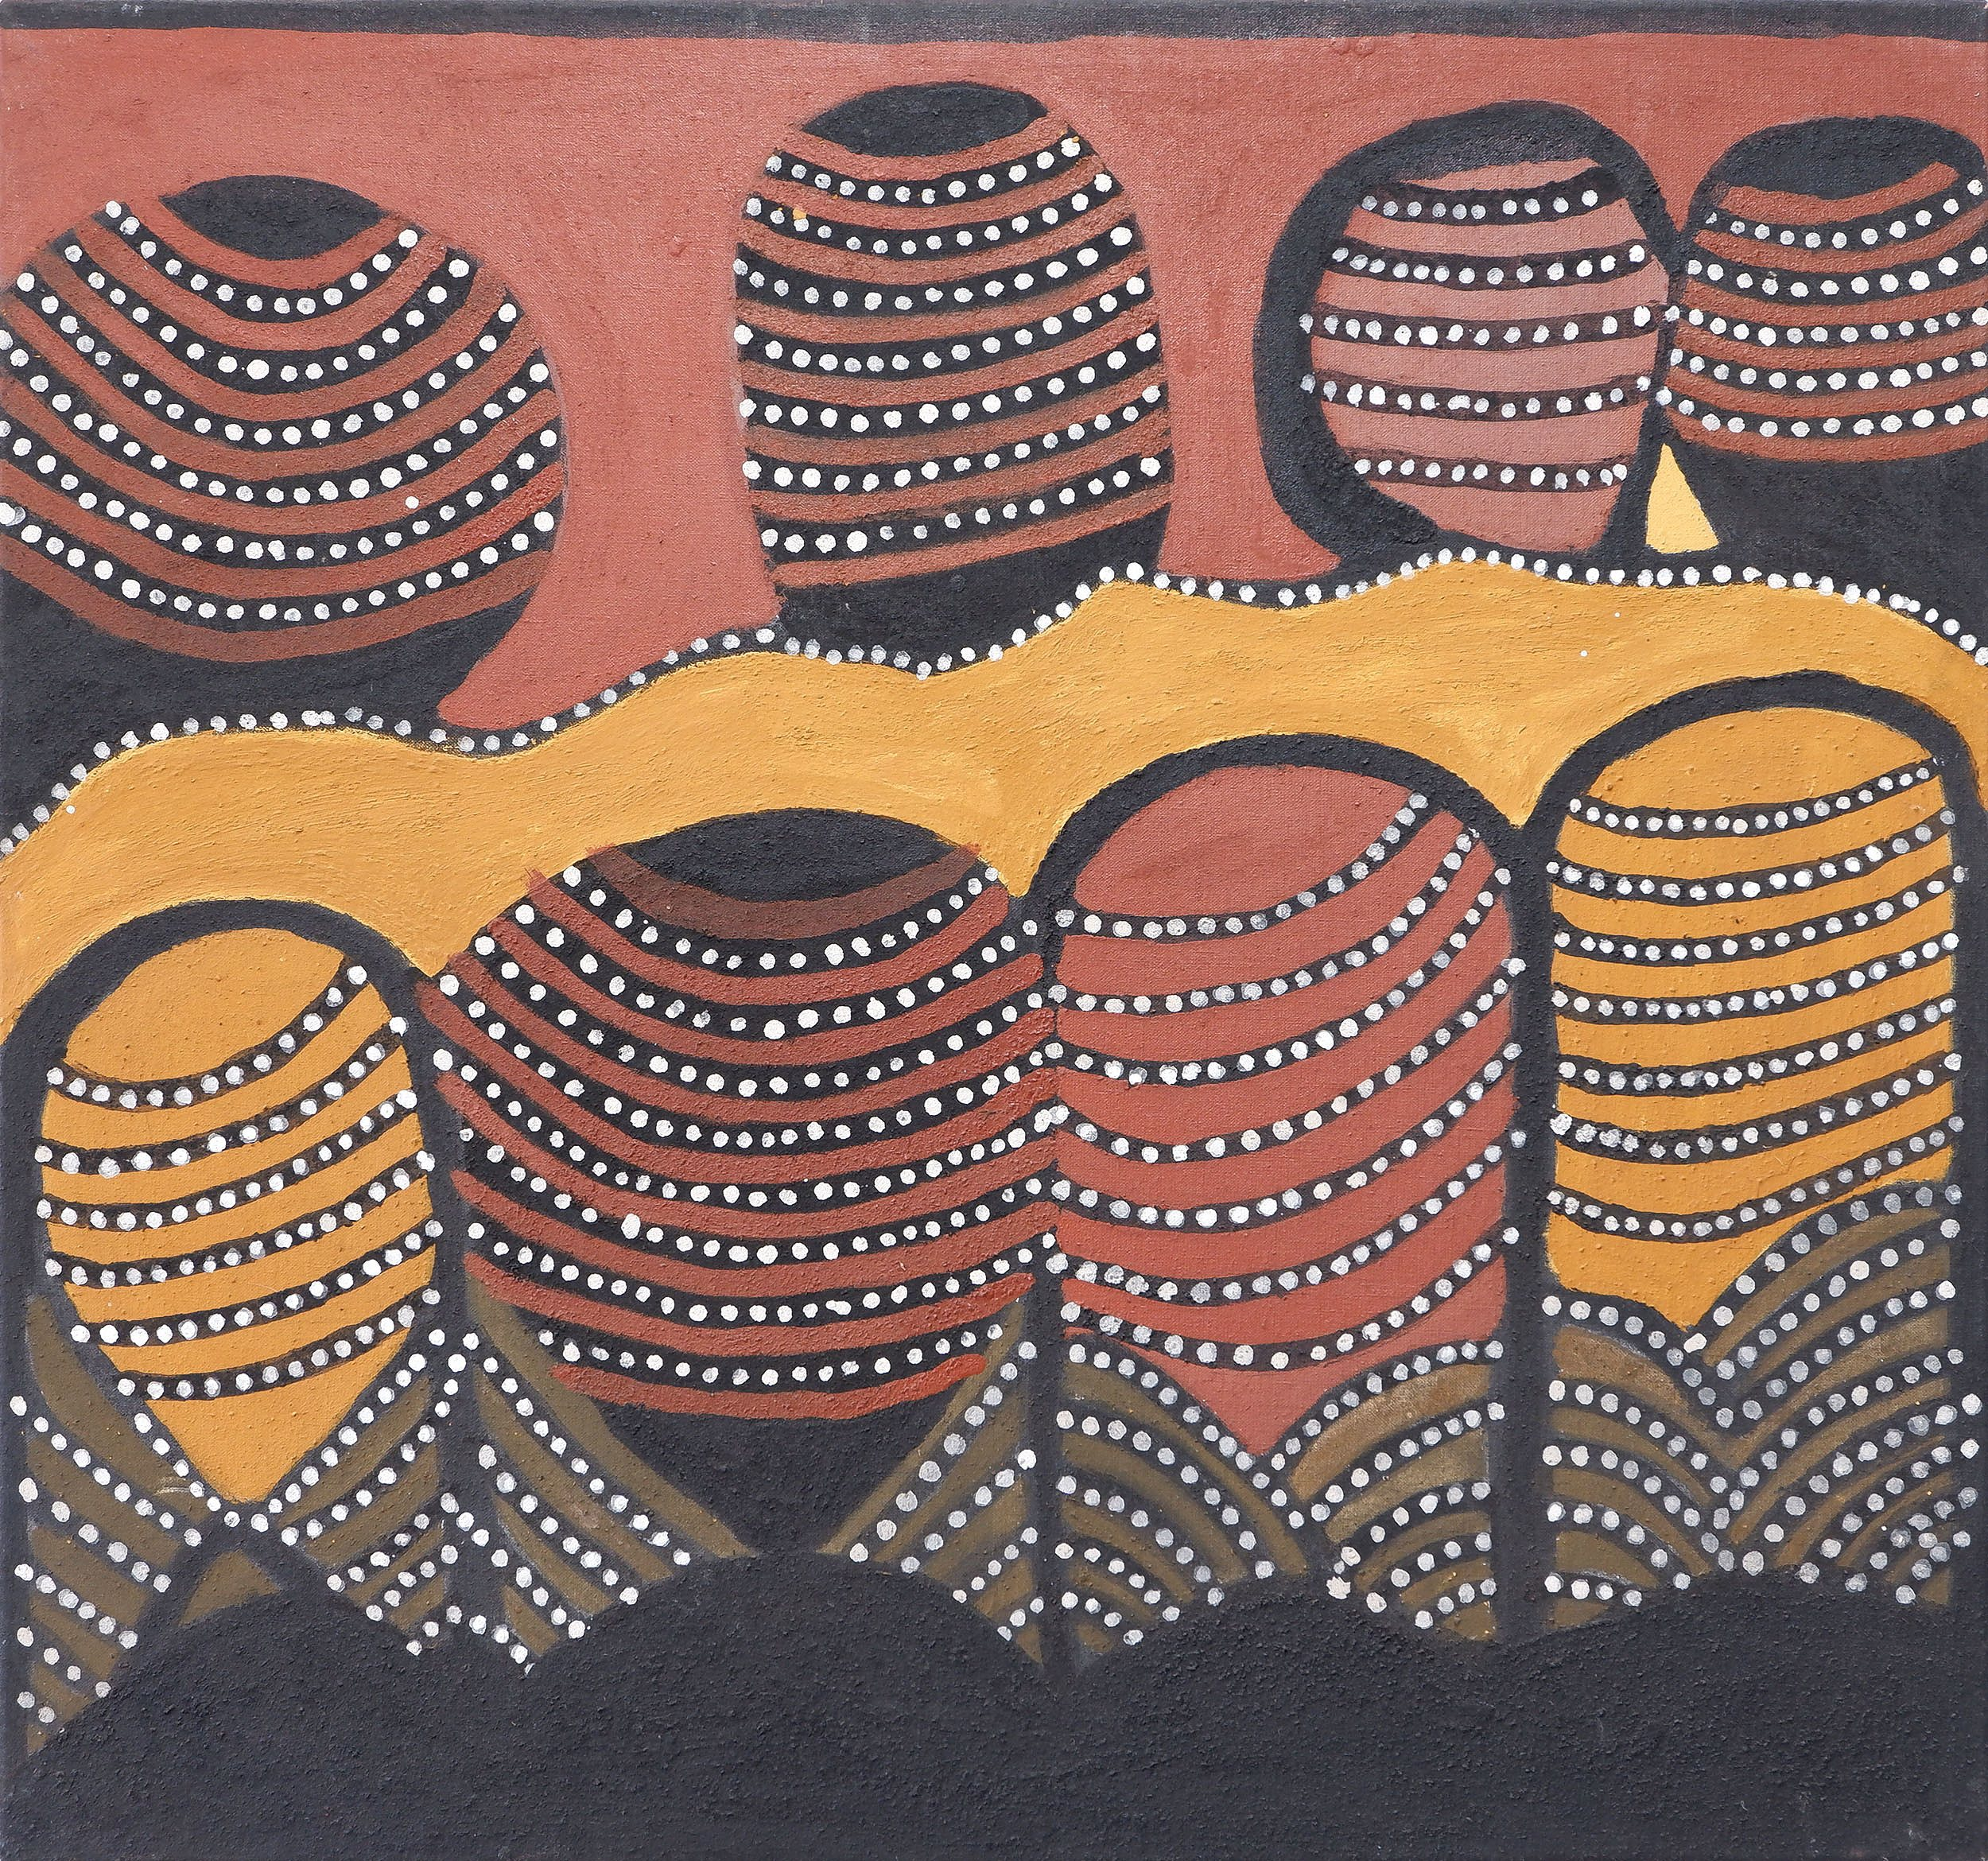 'Jack Britten (c1921-2002), Joalingi (Hann Springs) 1999, natural ochres on canvas'